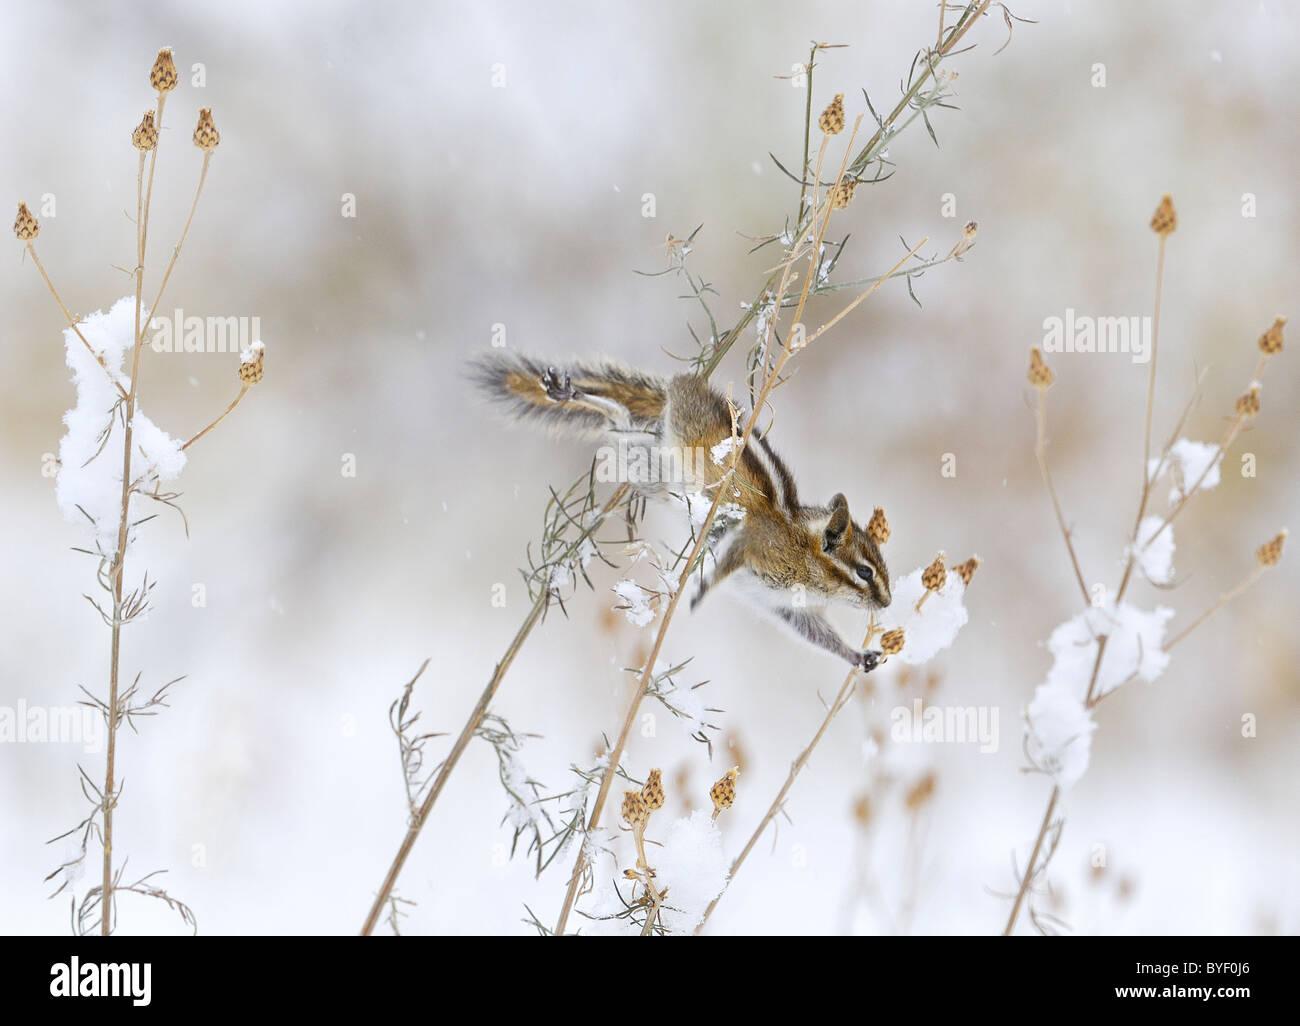 Le tamia mineur se nourrissant de graines dans des buissons bas durant une tempête de neige. Photo Stock